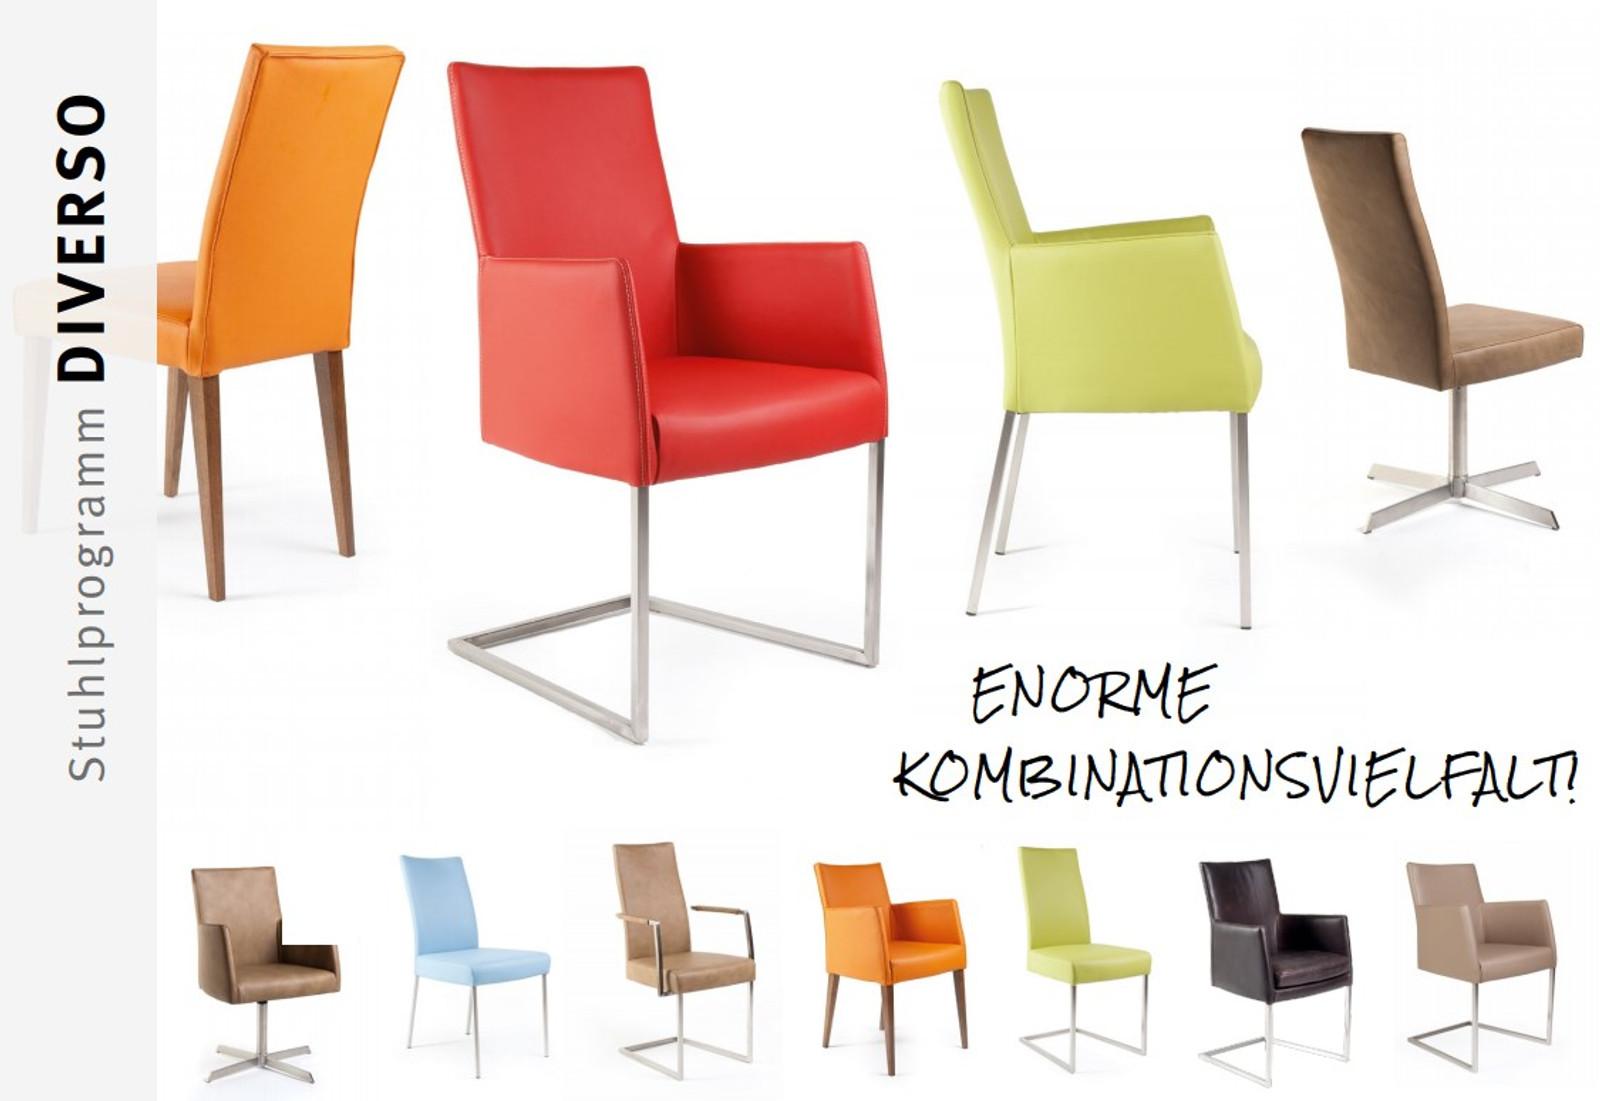 Diverso - der flexible Stuhl oder Sessel, den es in vielen Ausführungen gibt - Vierfuß, Freischwinger, Kreuzgestell - Eiche, Buche, Nussbaum, Edelstahl